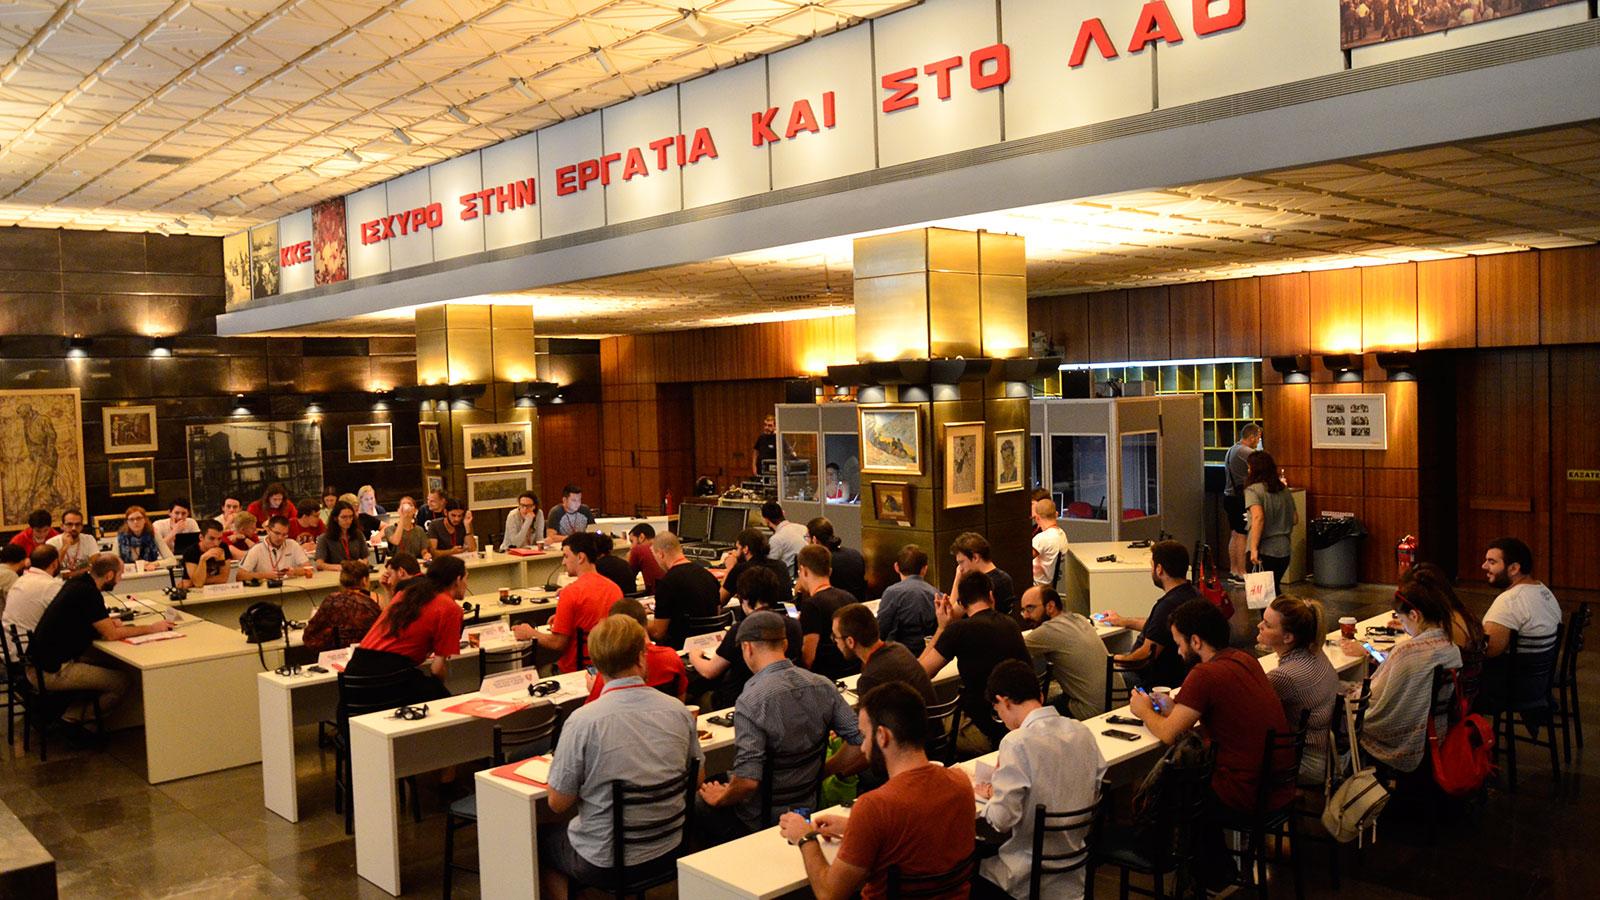 Déclaration des 21 organisations de jeunesse communiste ayant participé à la 14ème Rencontre des organisations de jeunesse communiste européennes à Athènes